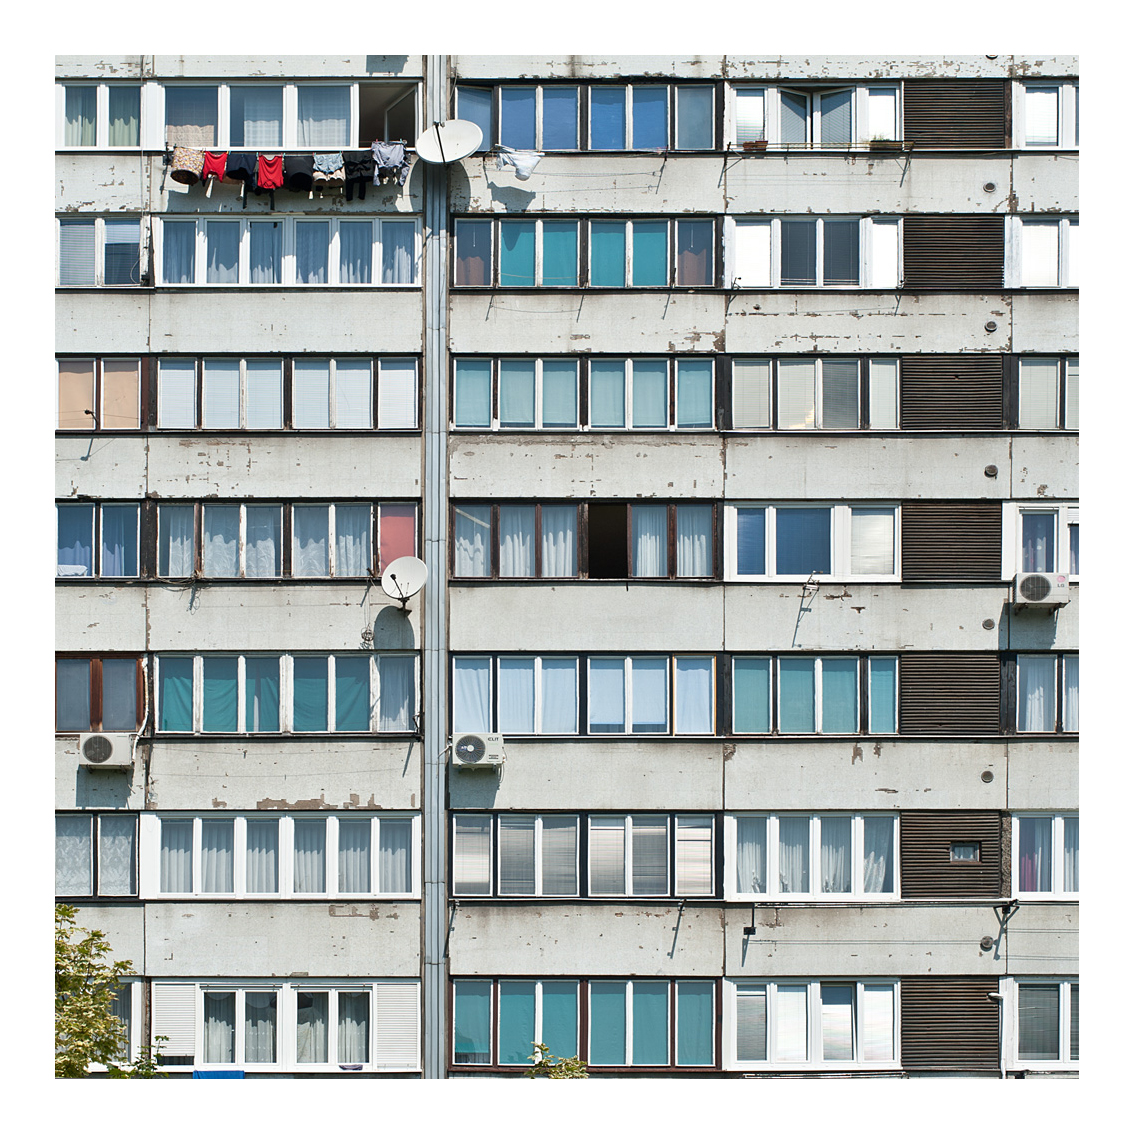 Francesco Niccolai, Sarajevo 2014 #1